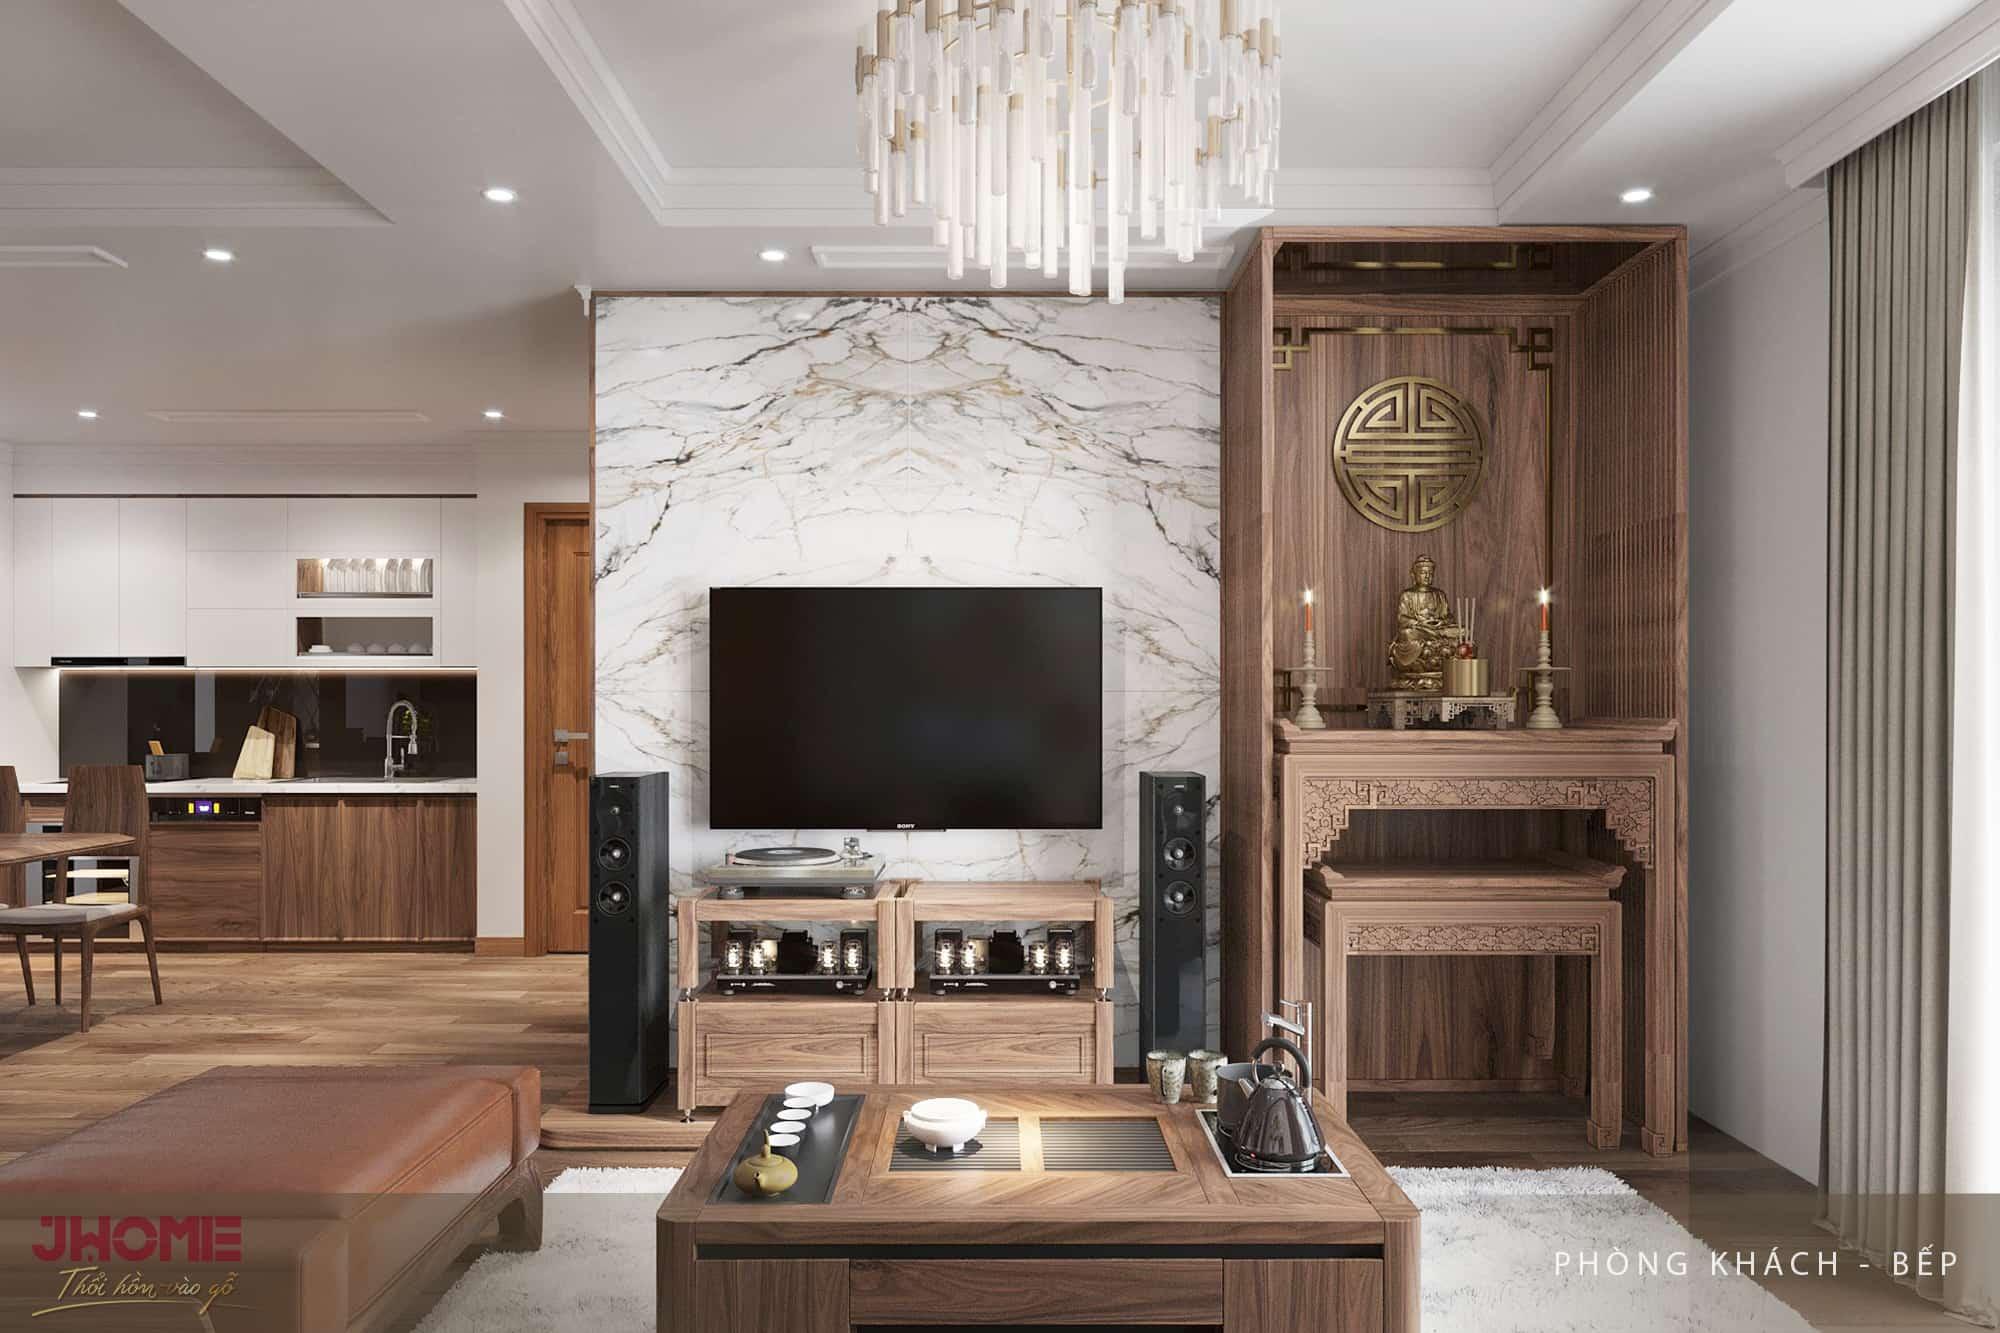 thiết kế nội thất căn hộ thiết kế nội thất căn hộ 1 phòng ngủ thiết kế nội thất căn hộ 2 phòng ngủ thiết kế nội thất căn hộ 3 phòng ngủ thiết kế nội thất căn hộ 56m2 2 phòng ngủ thiết kế nội thất căn hộ 65m2 2 phòng ngủ